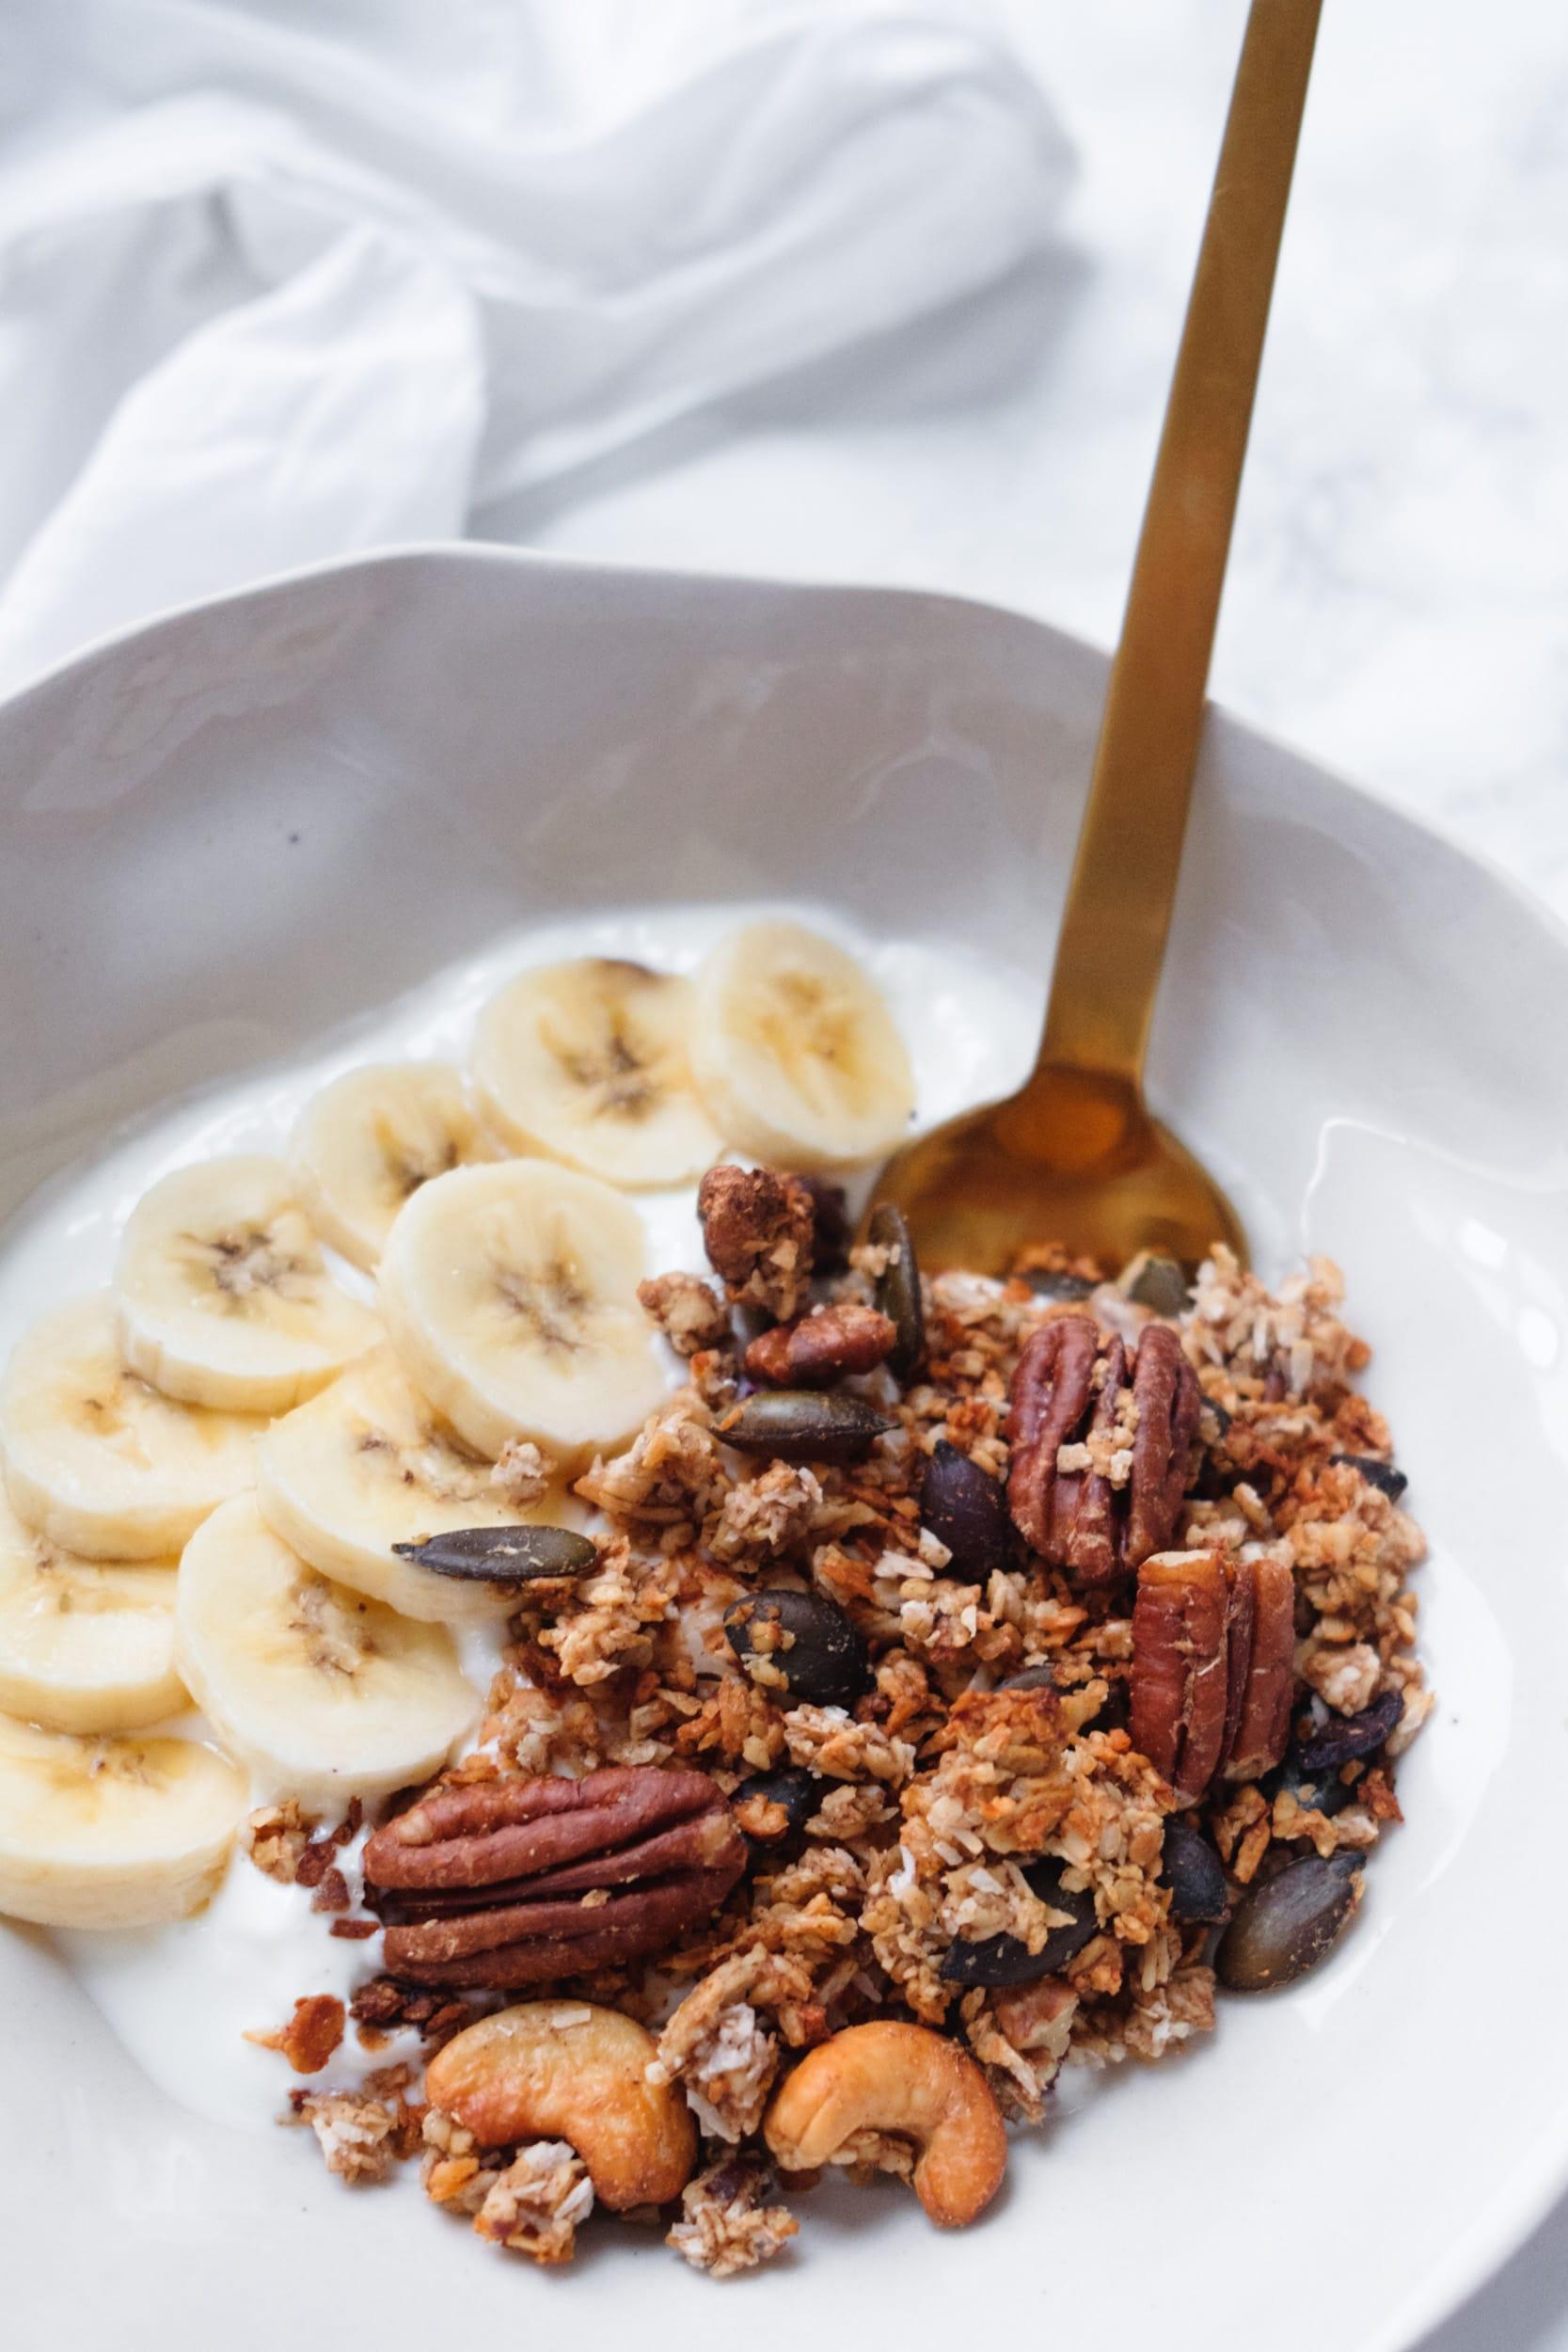 Müsli ohne Zucker | Knuspermüsli mit Banane selber machen | Banana Granola 2.0 | Rezept | Natürliche Süße | Vegan | Glutenfrei | Frühstück | Pecannüsse | Cashews | #rezept #granola #frühstück | Lecker | gesund | Snack | Topping | Haferflocken | Kokosnuss | nussiges Knuspermüsli mit der Süße reifer Bananen | Rezept auf ivy.li